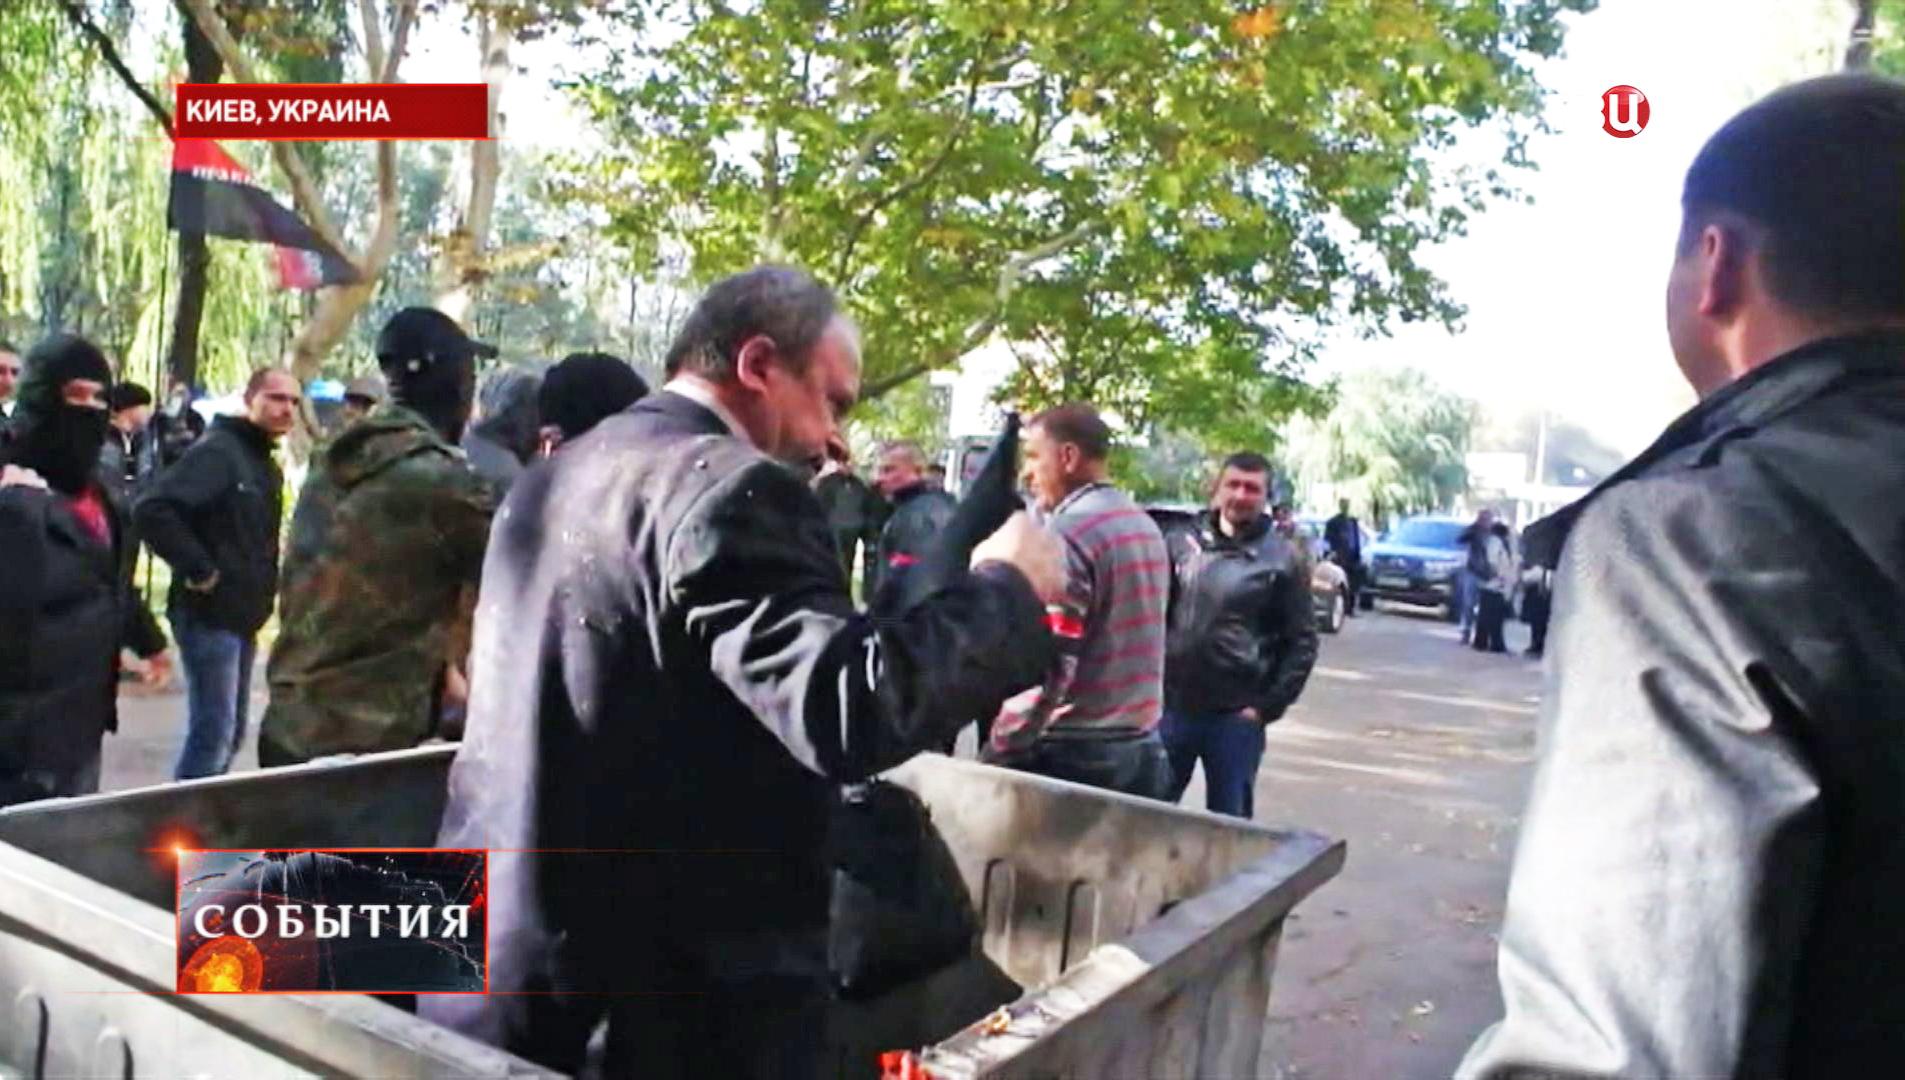 Депутат Верховной Рады Украины в мусорном контейнере